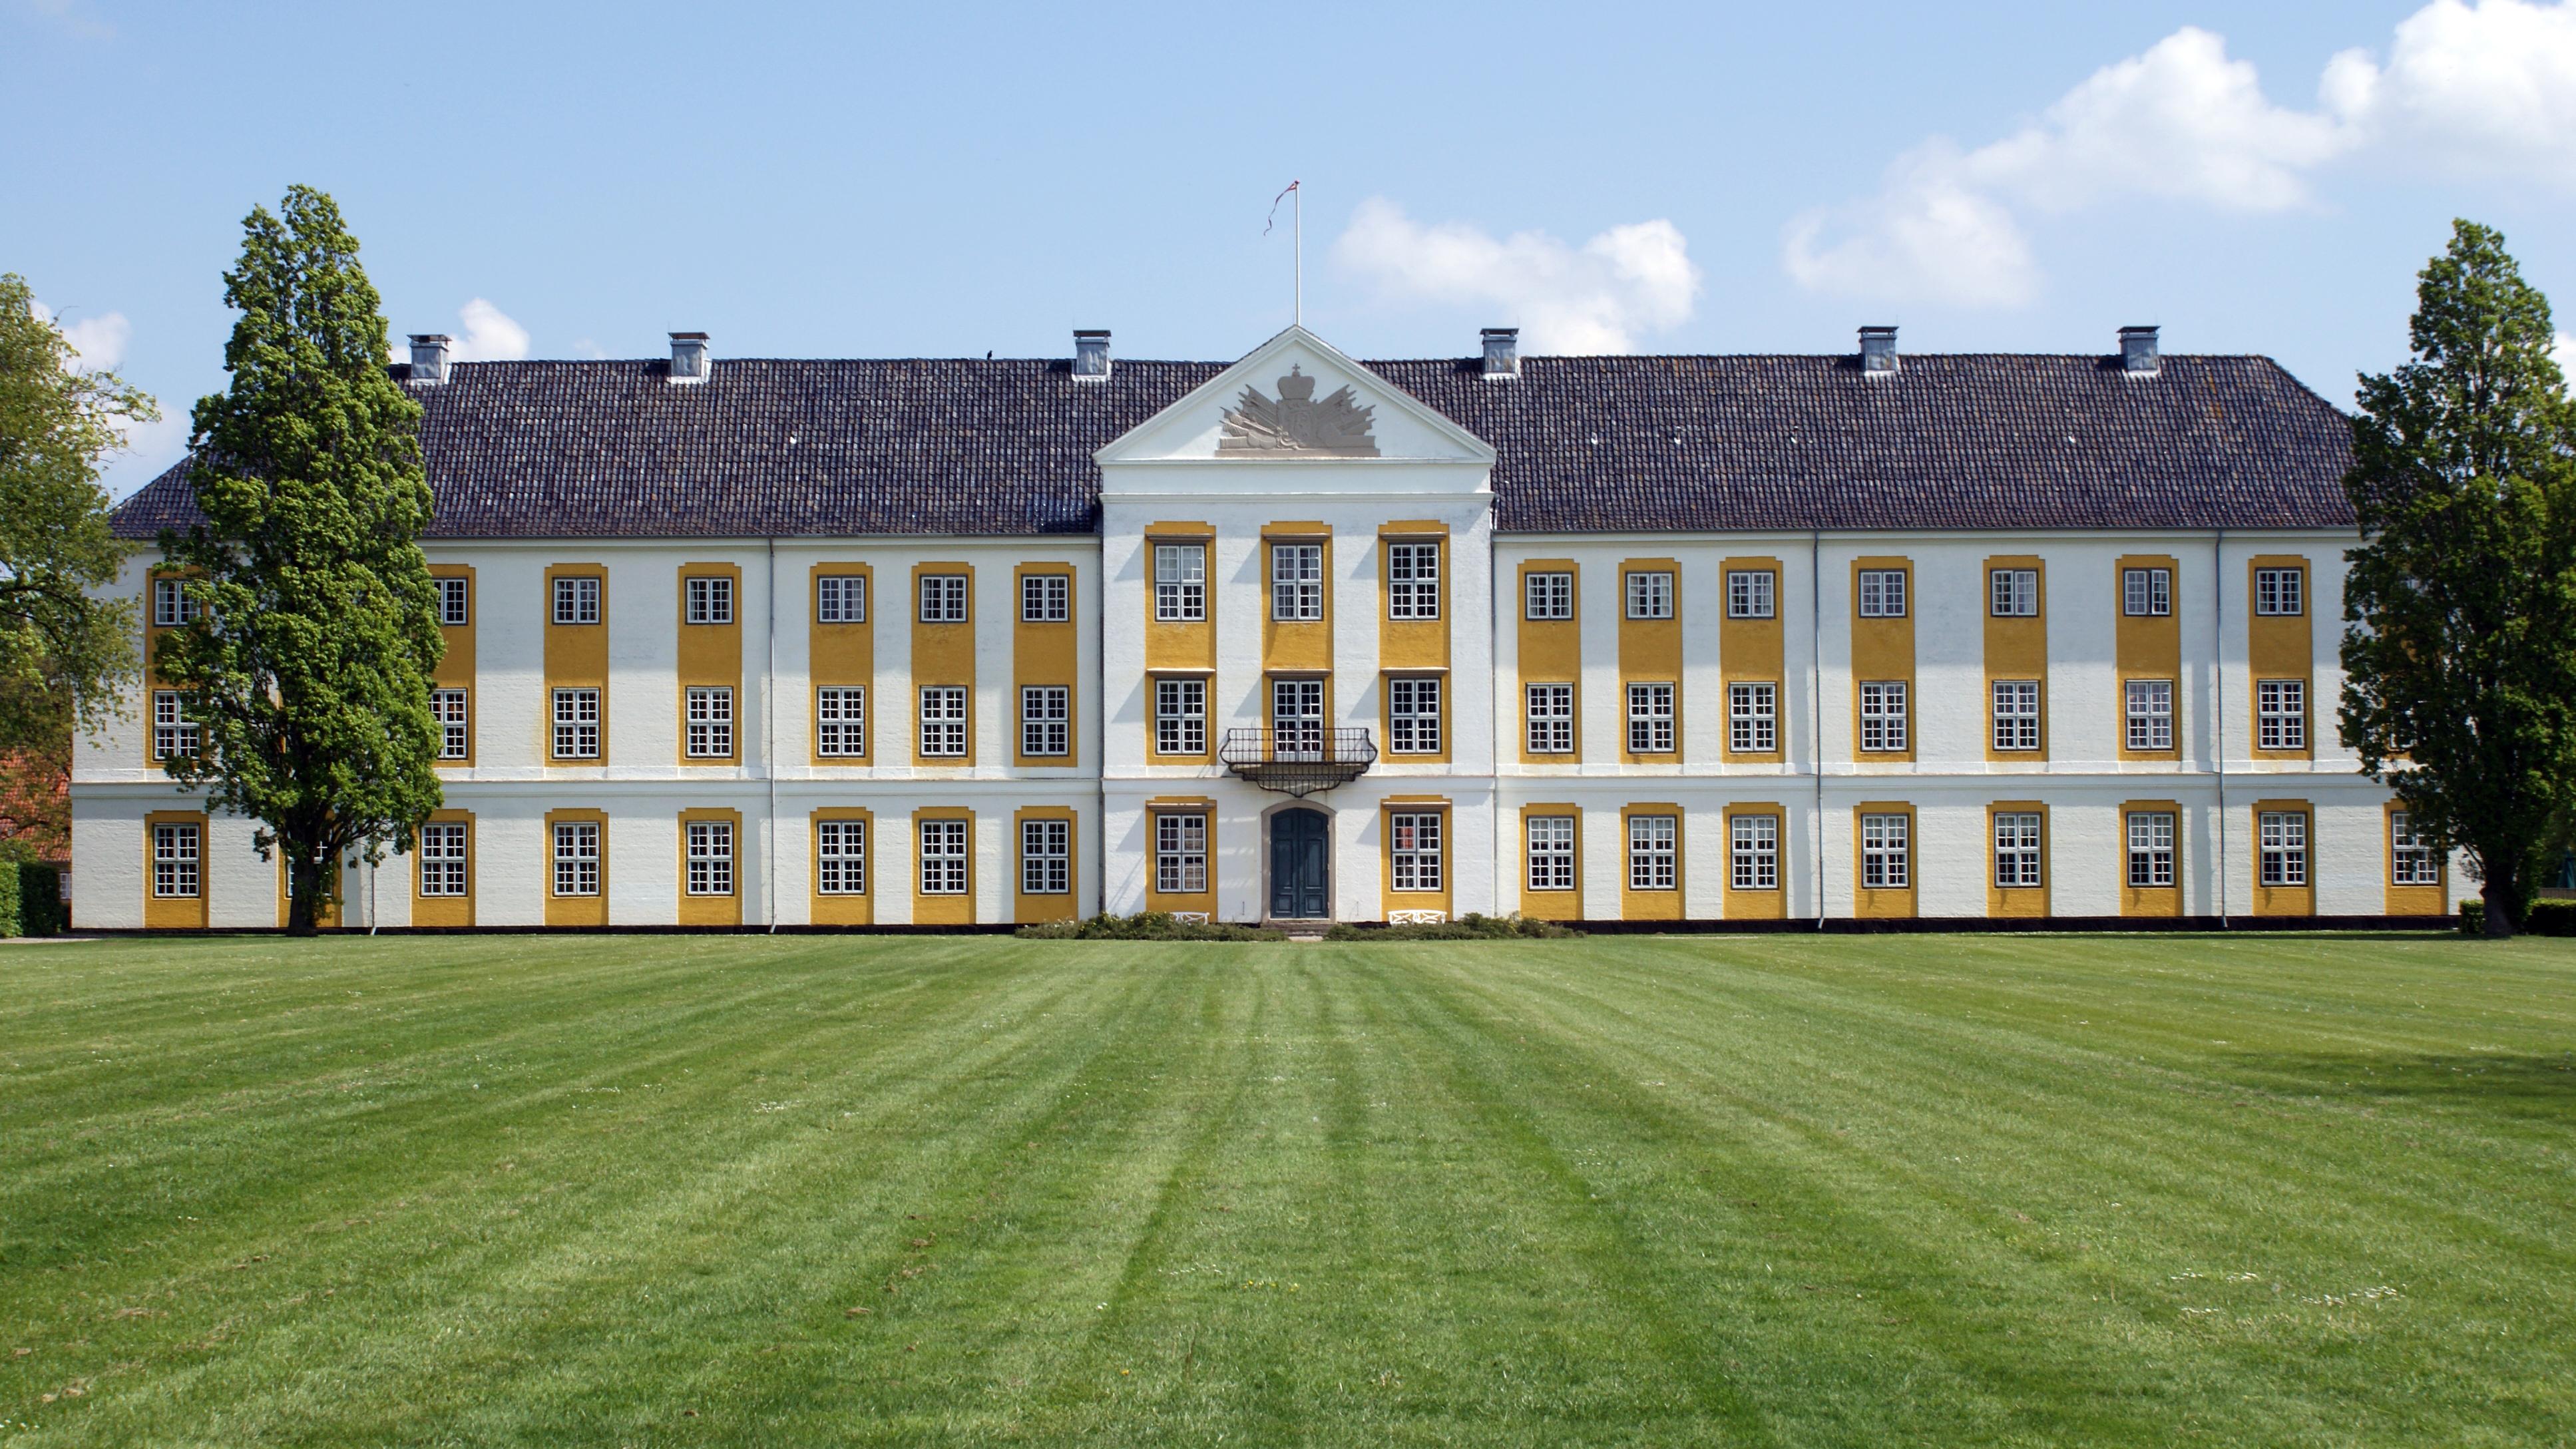 Opiniones de casa de oldemburgo - Qcasa opiniones ...